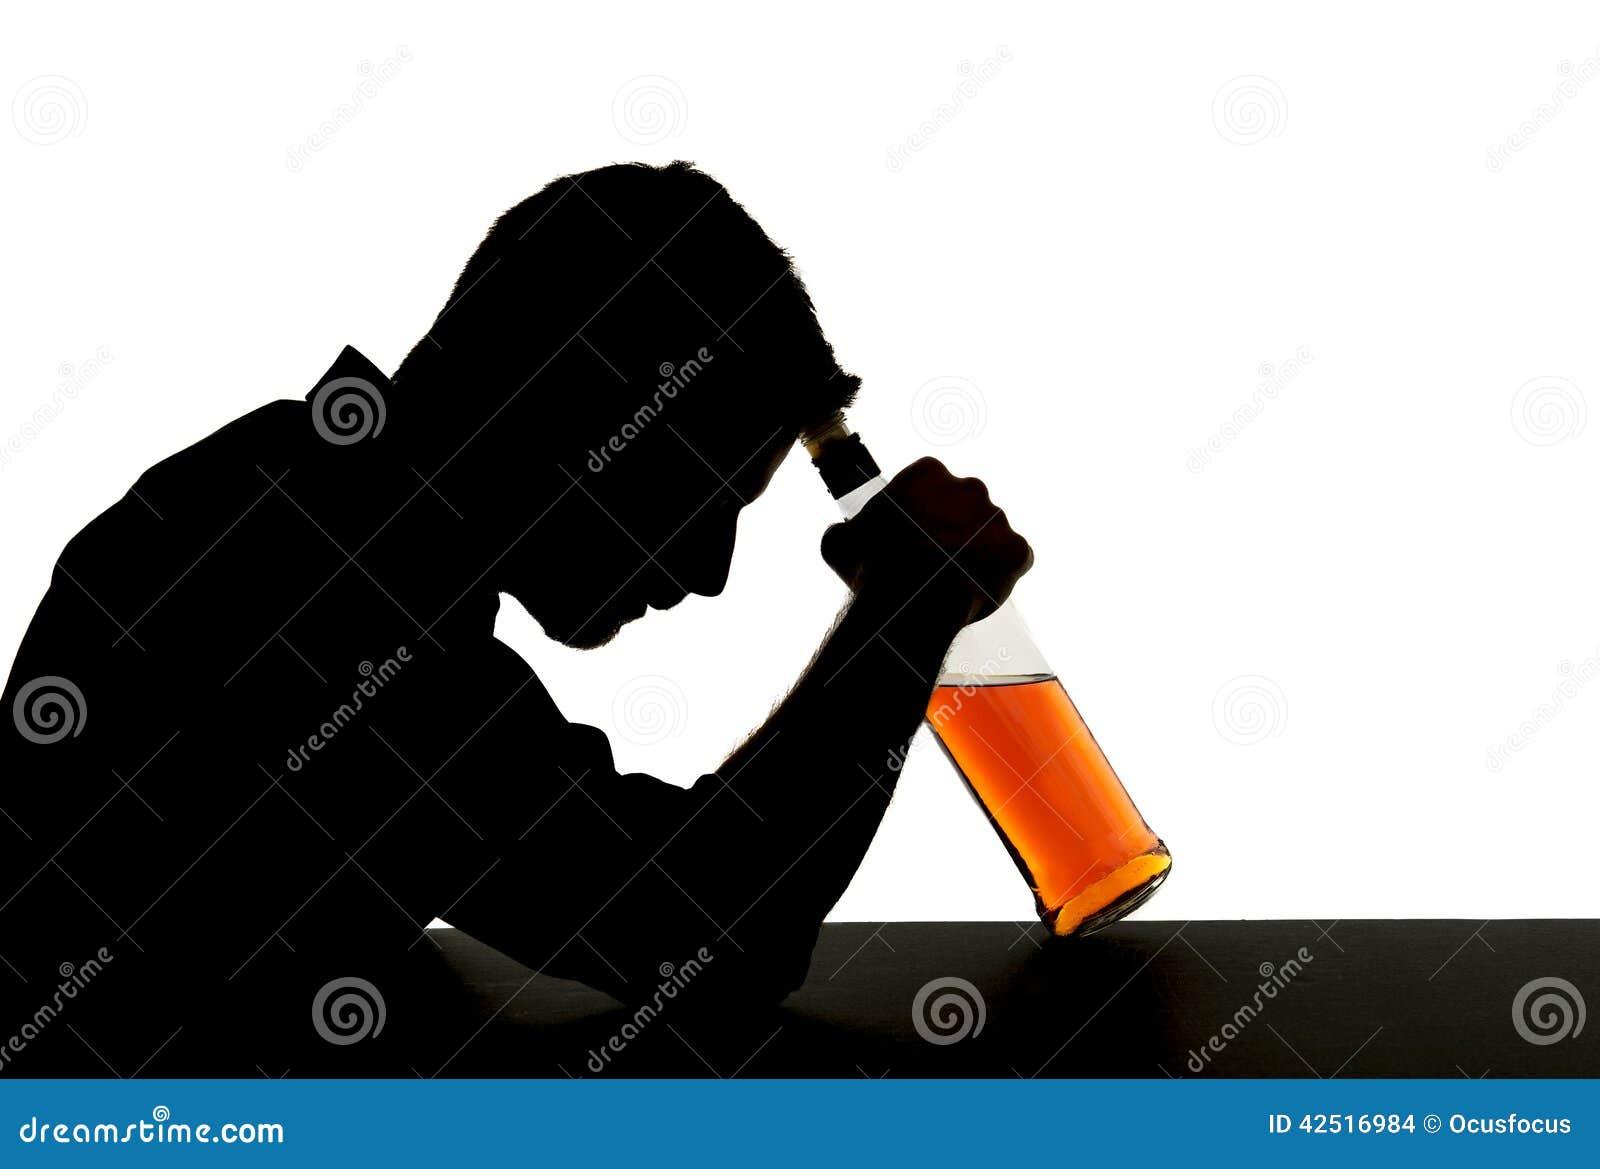 Homem bebido alcoólico com a garrafa de uísque na silhueta do apego de álcool